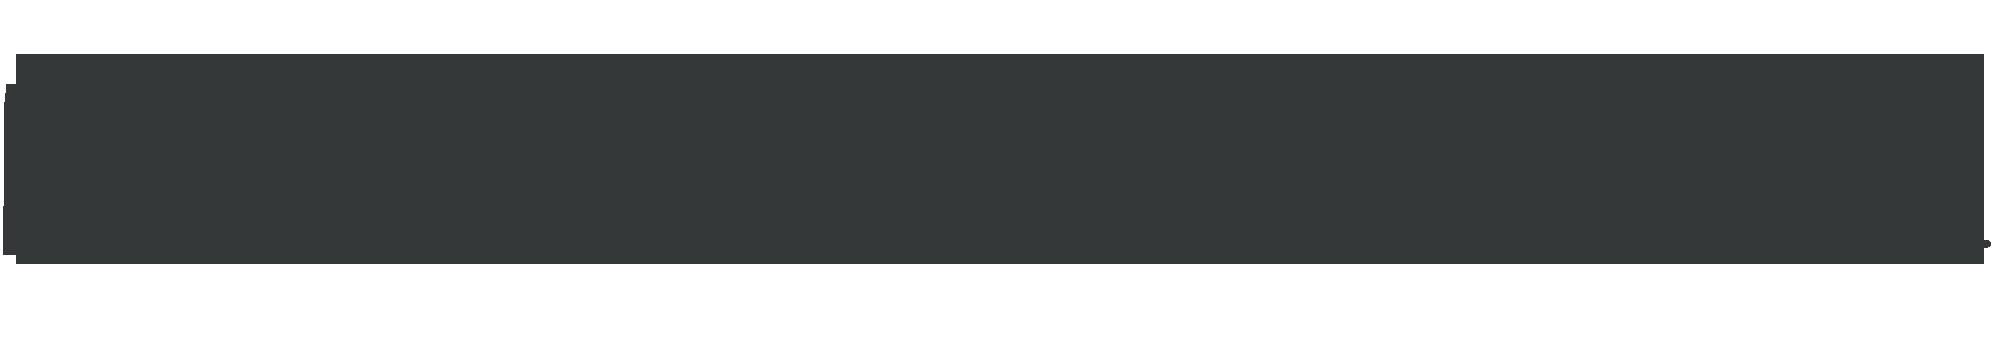 Esto Es Mi Ruina - Blog de ofertas, guías de compra, comparativas, ofertas y los mejores manuales de la red.